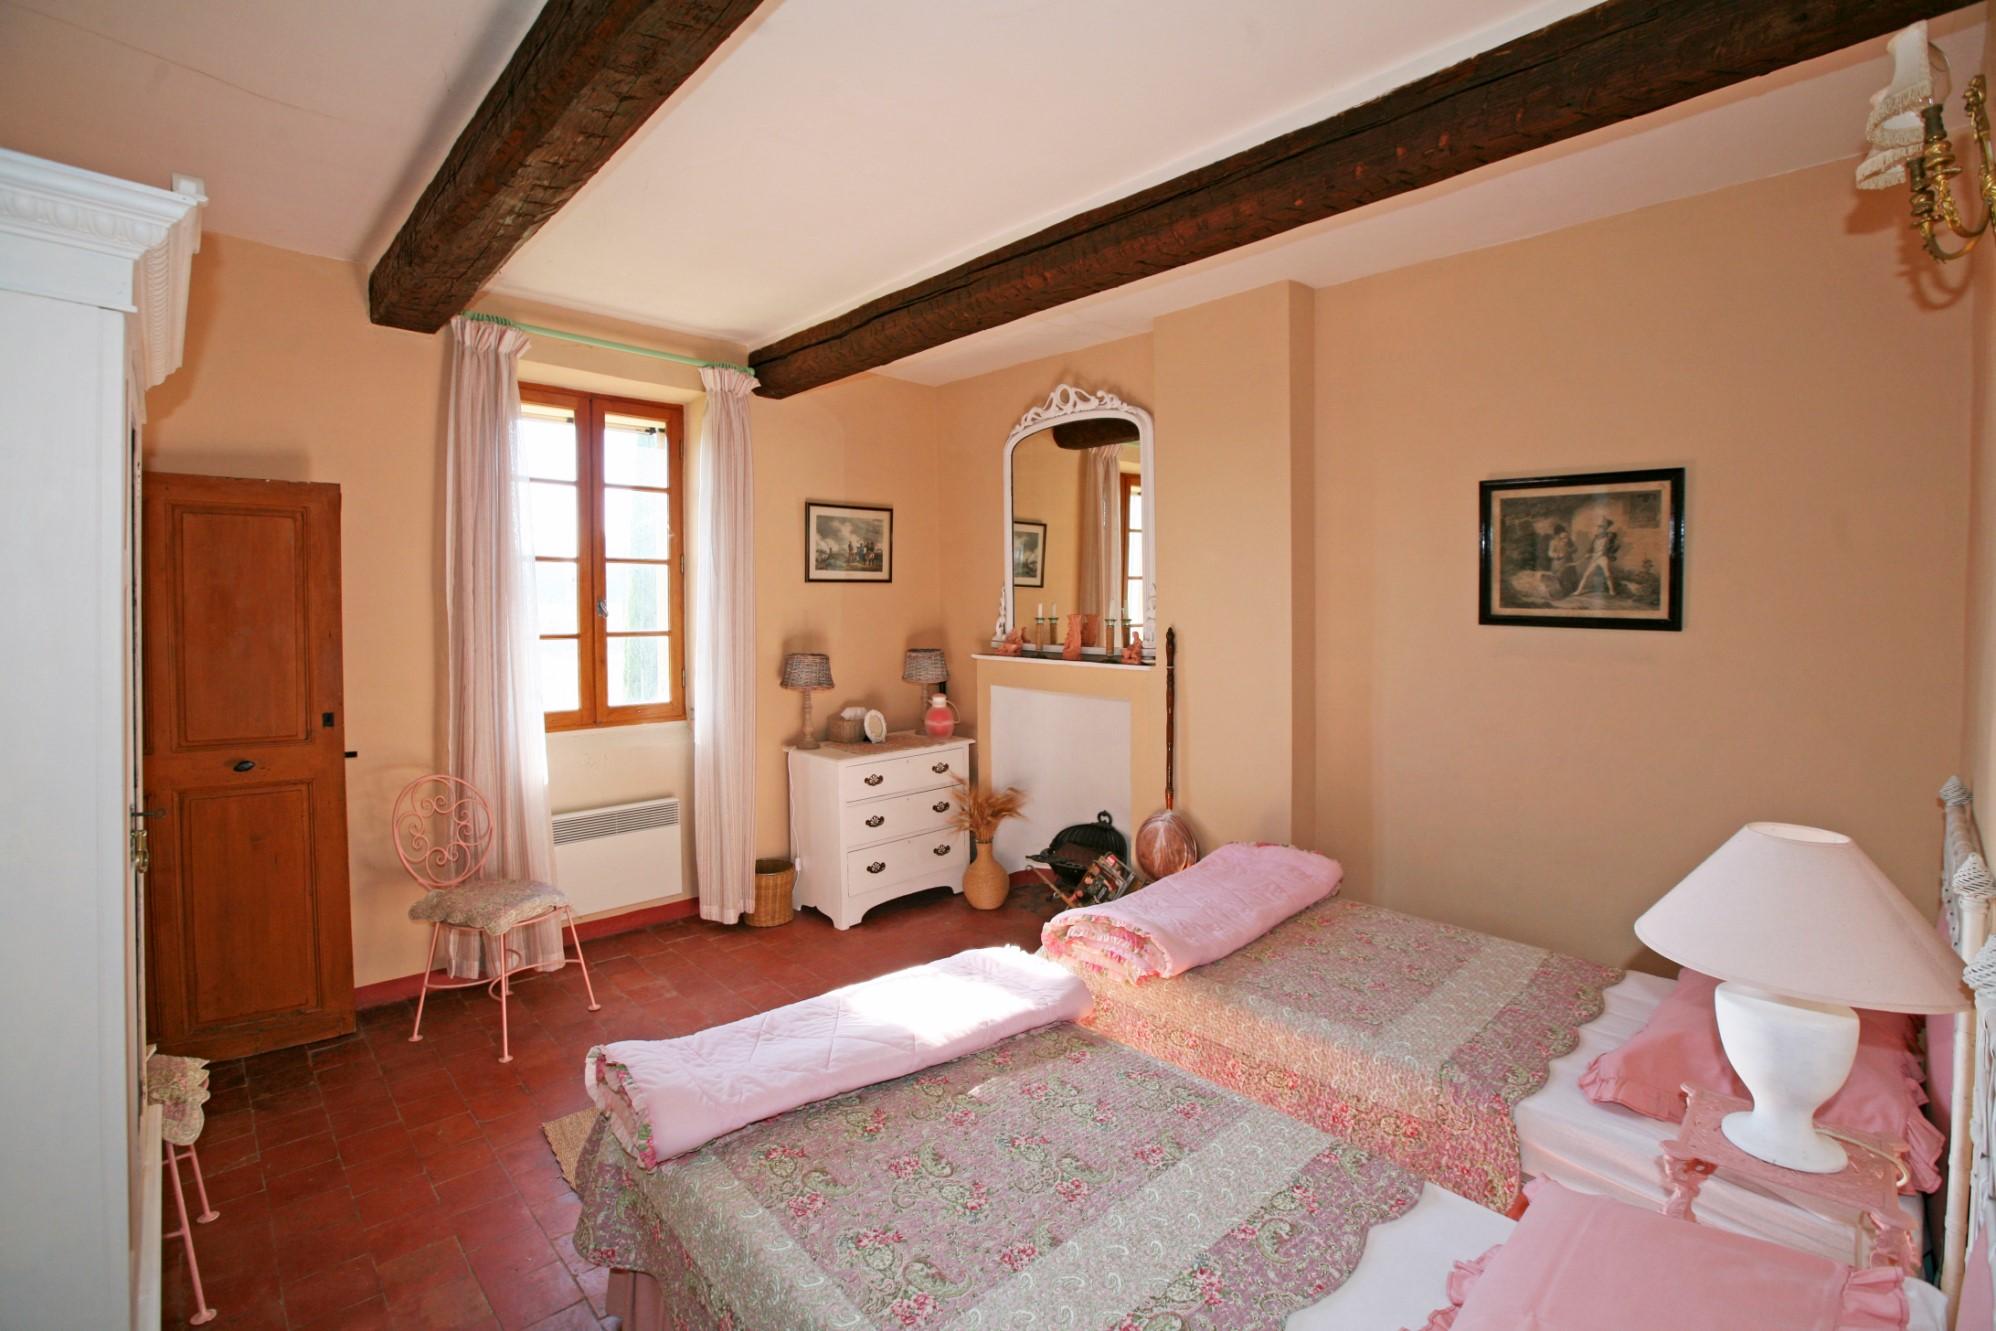 A vendre aux portes du Luberon, ancien corps de ferme de 1857